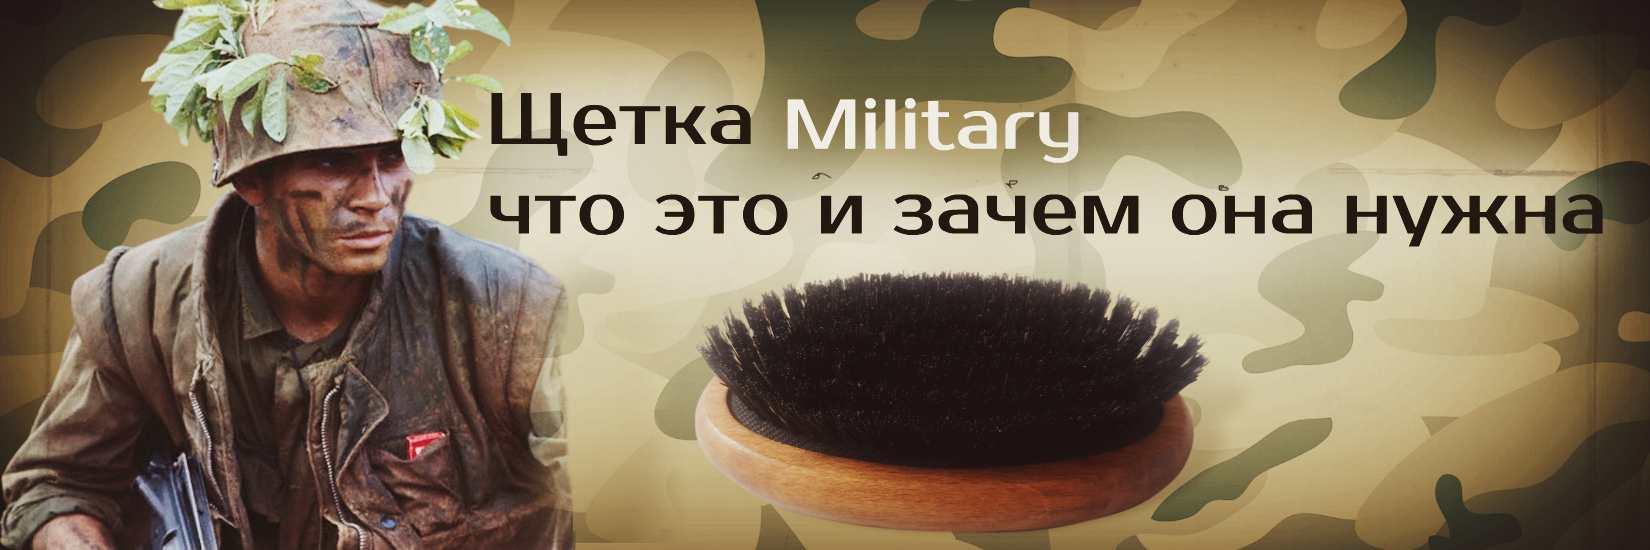 Щетка Military - что это и зачем она нужна